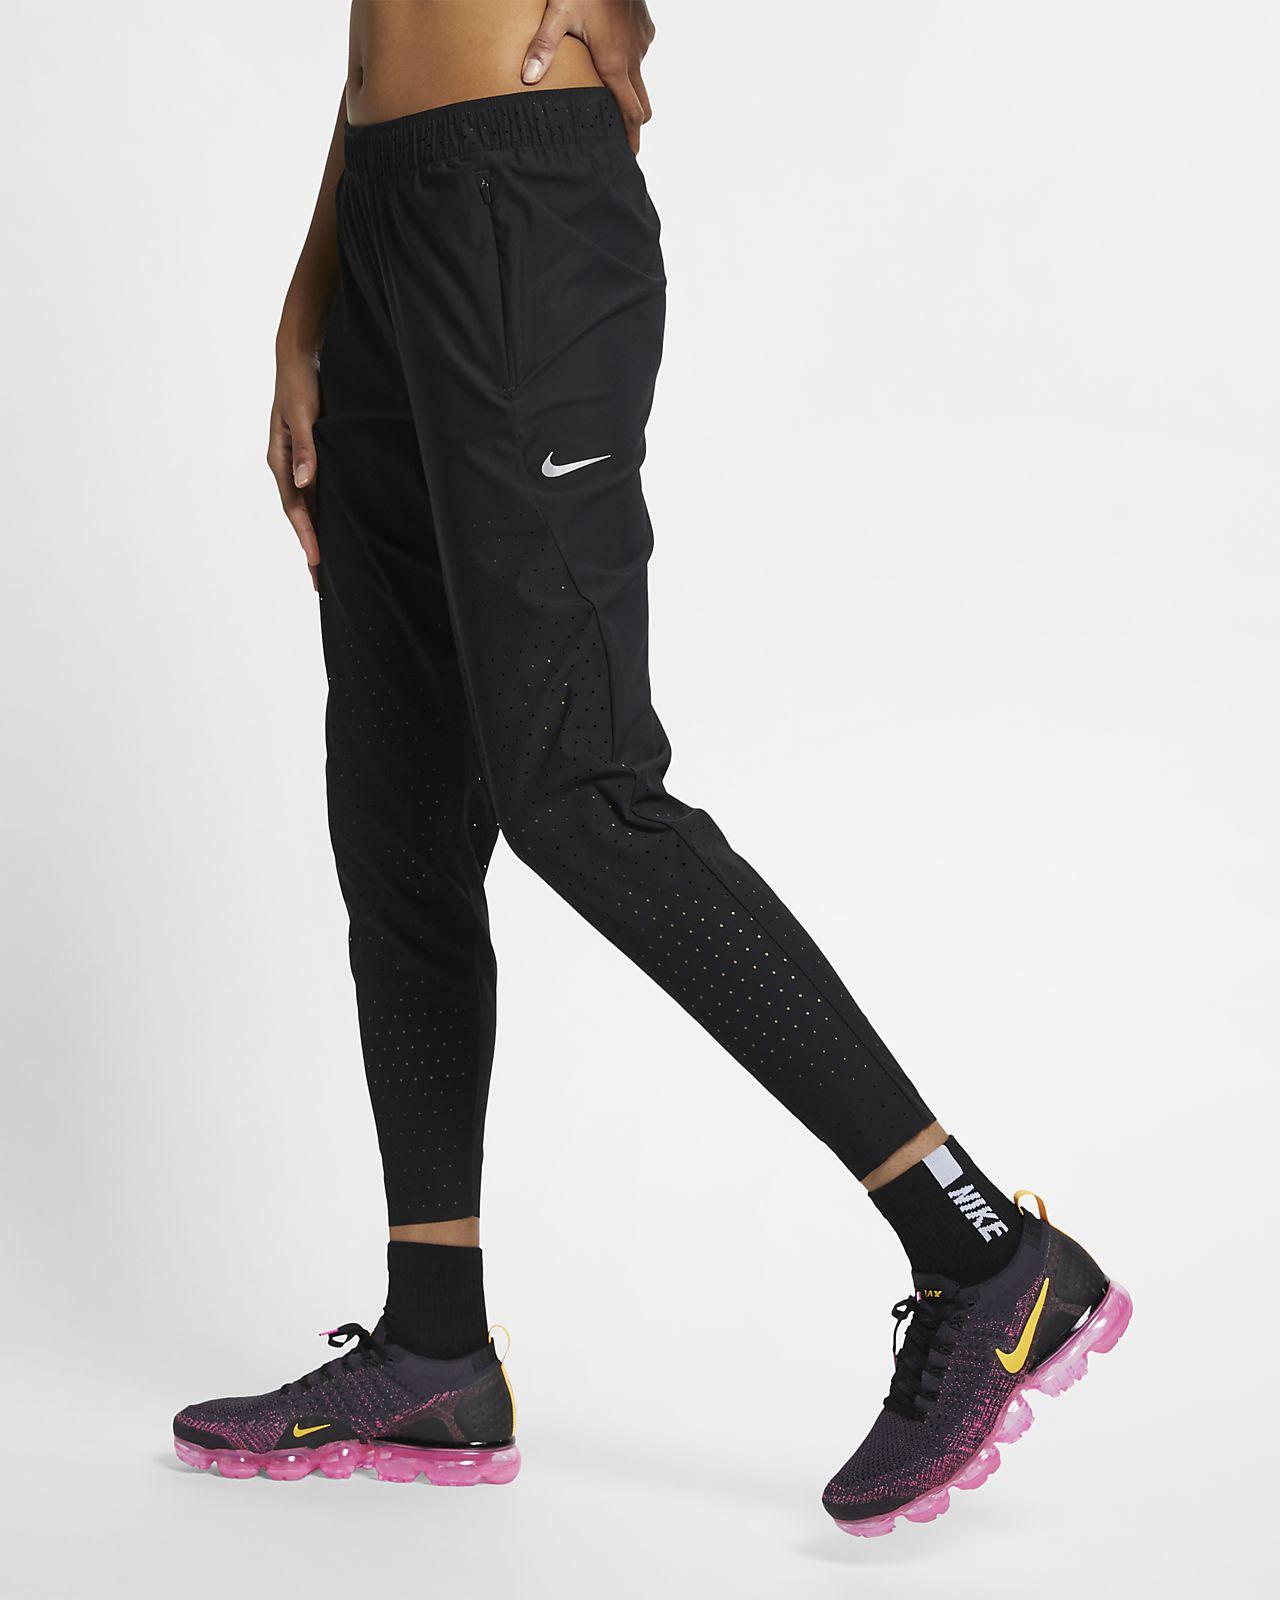 b15e69145b Pantaloni da running Nike Swift - Donna